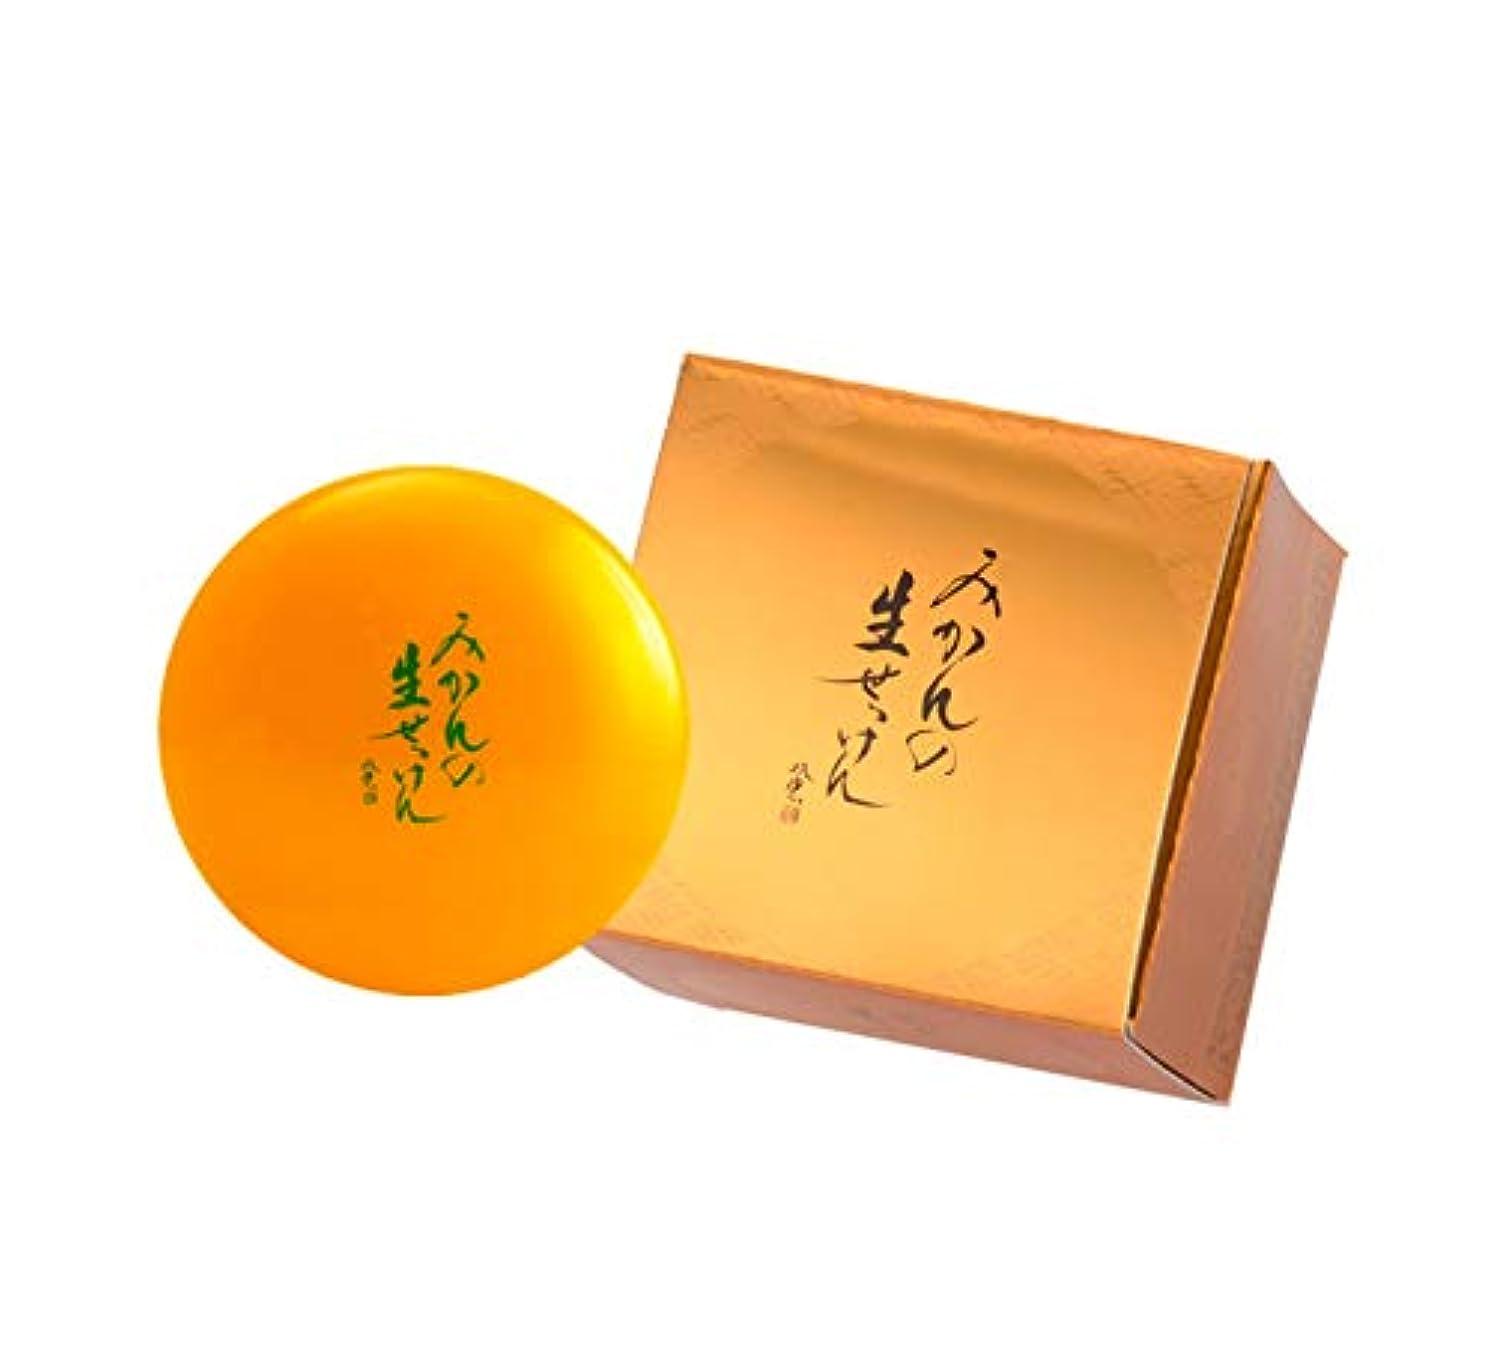 ジャンプ効果従者UYEKI美香柑みかんの生せっけん120g×3個セット